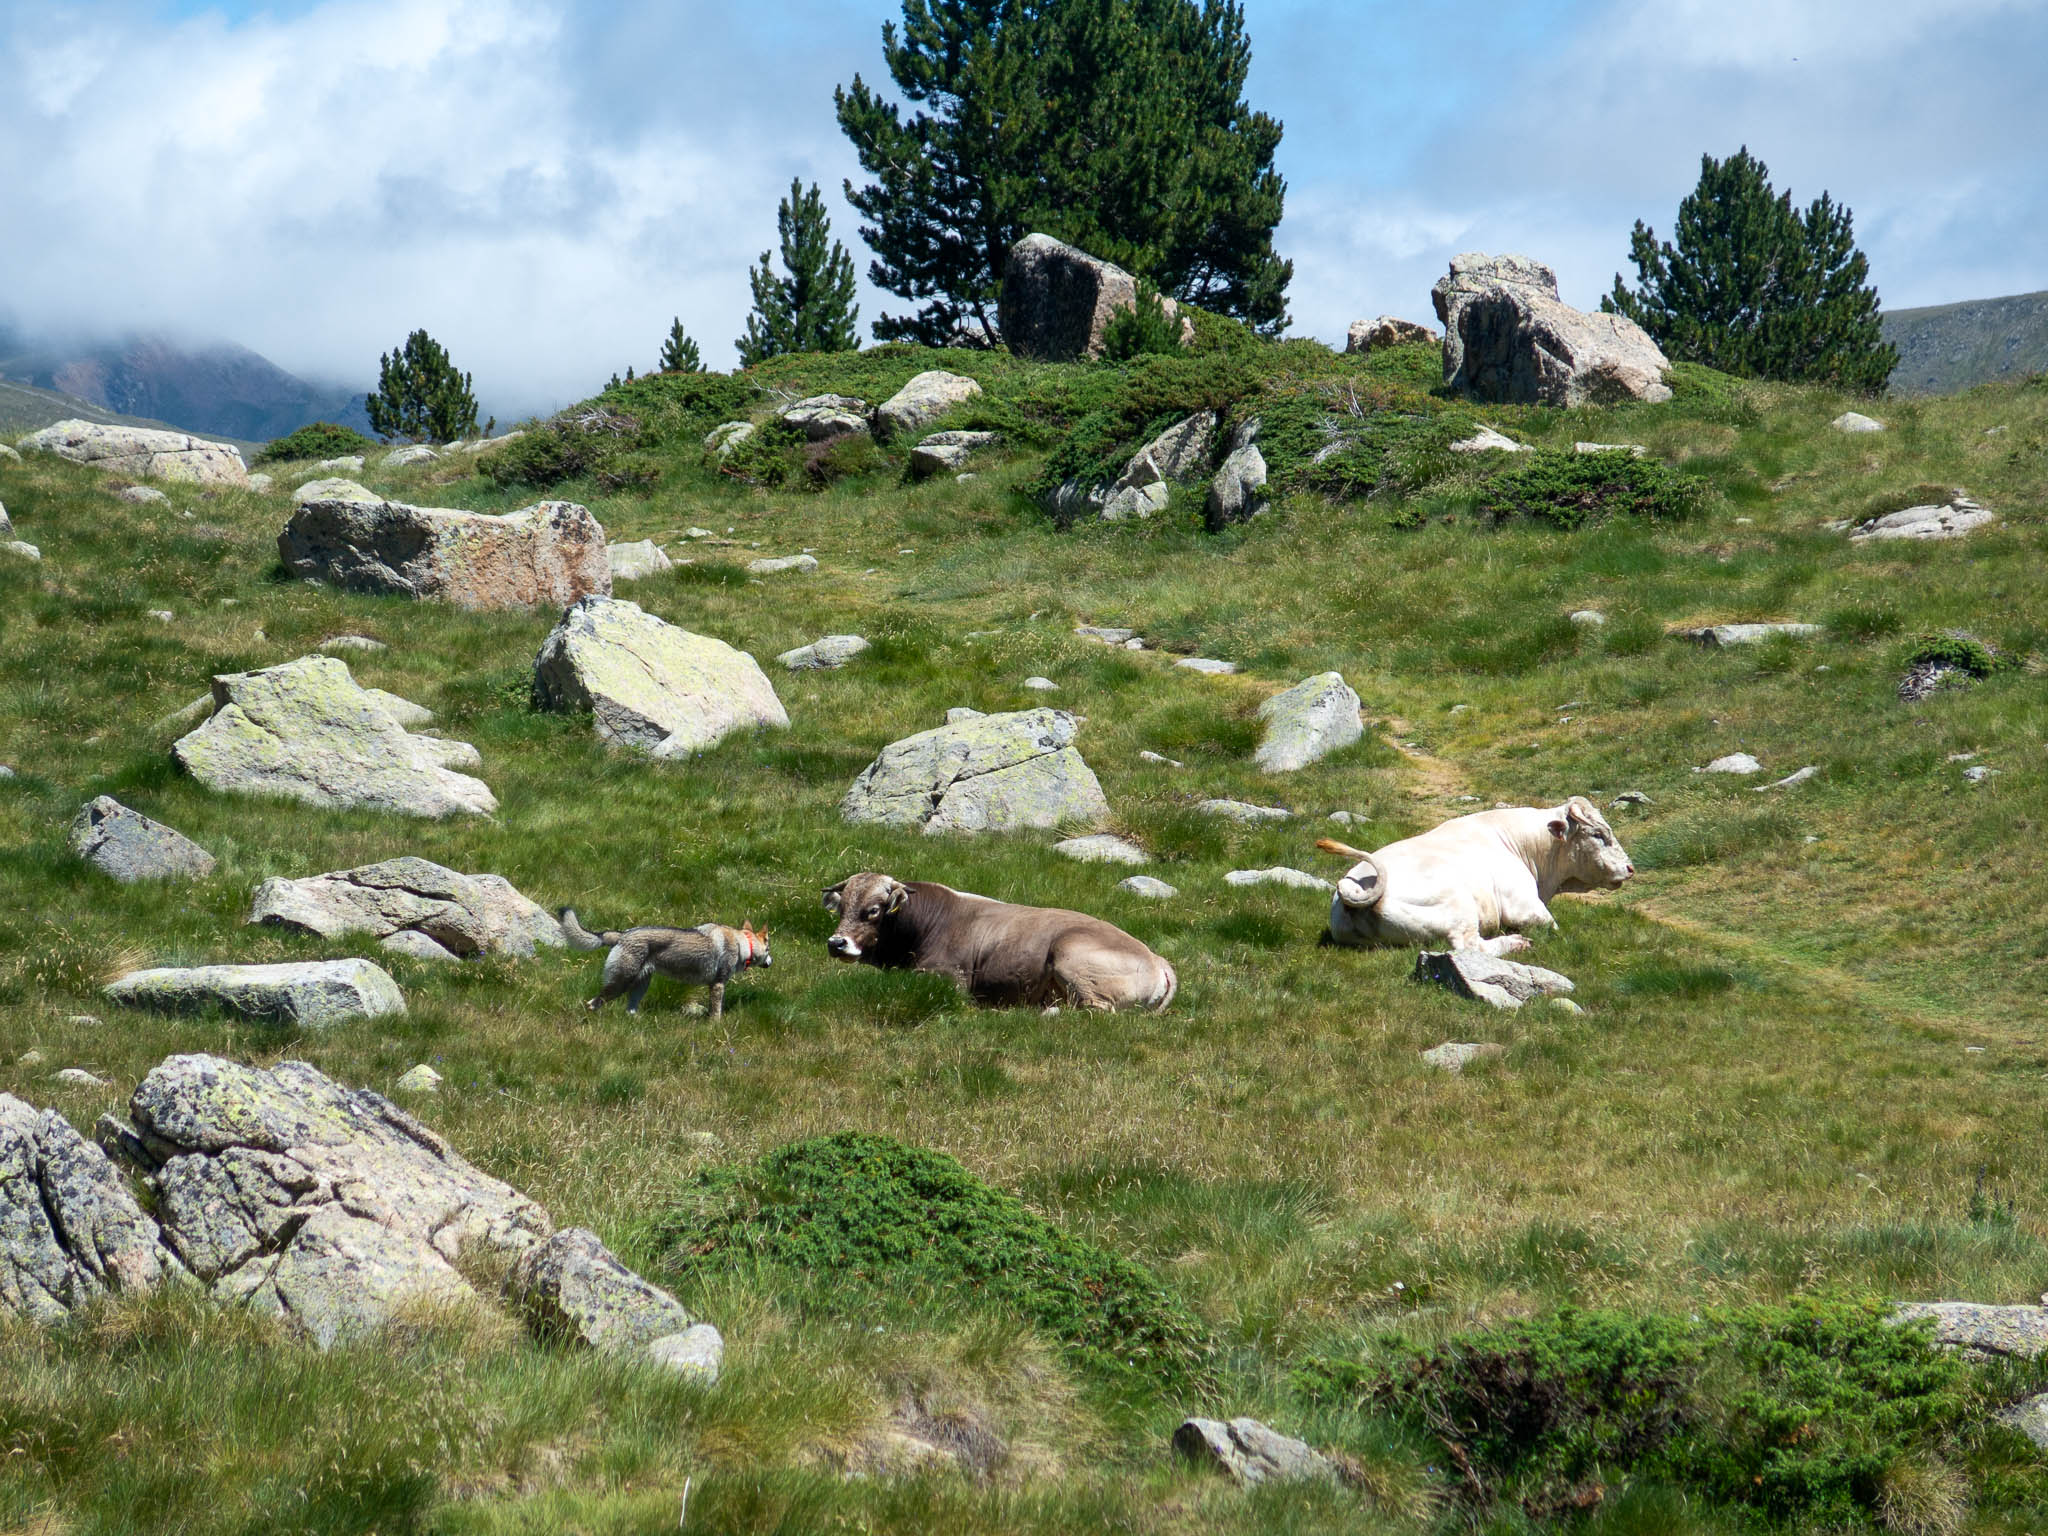 Kühe die auf dem Berg liegen in Grandvalira Andorra mit Hündin